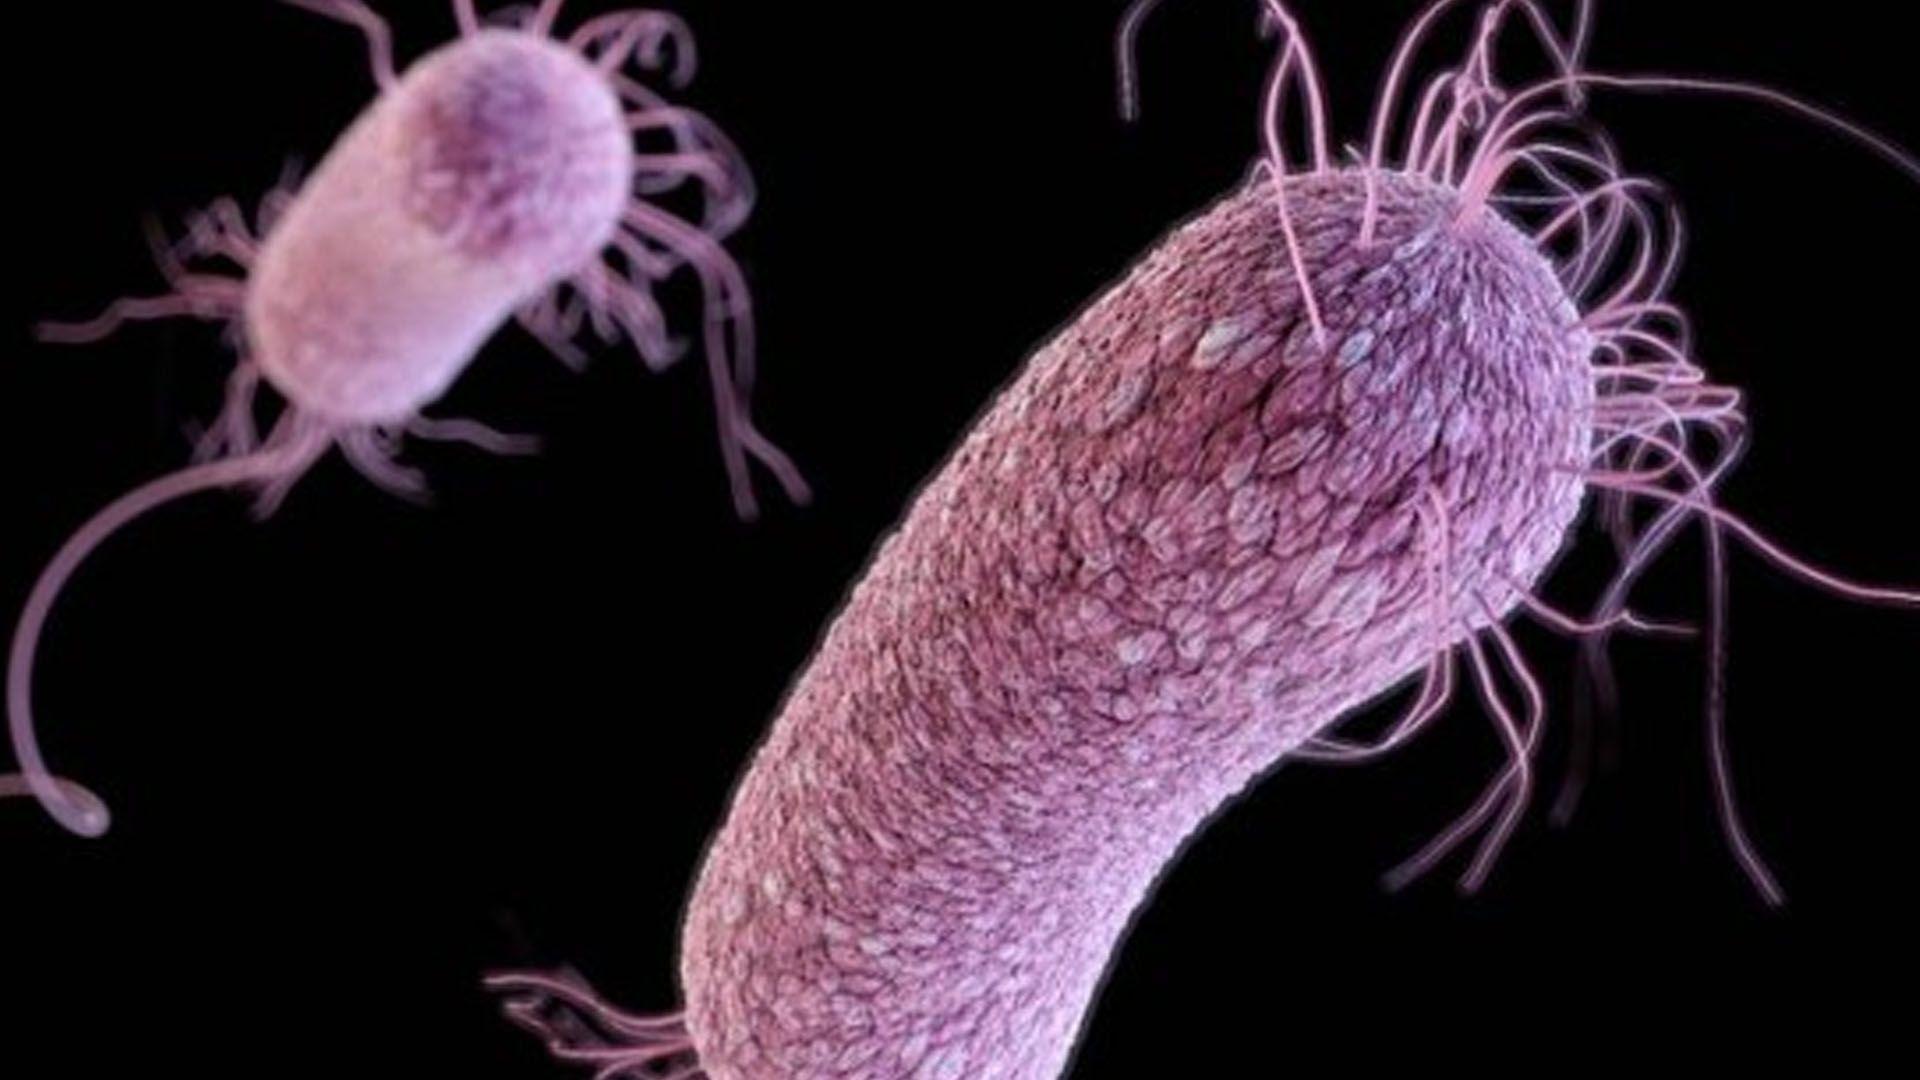 Novo estudo publicado na Nature desvenda o mecanismo de aborção da prata, revelando que o metal transforma bactérias em zumbis.